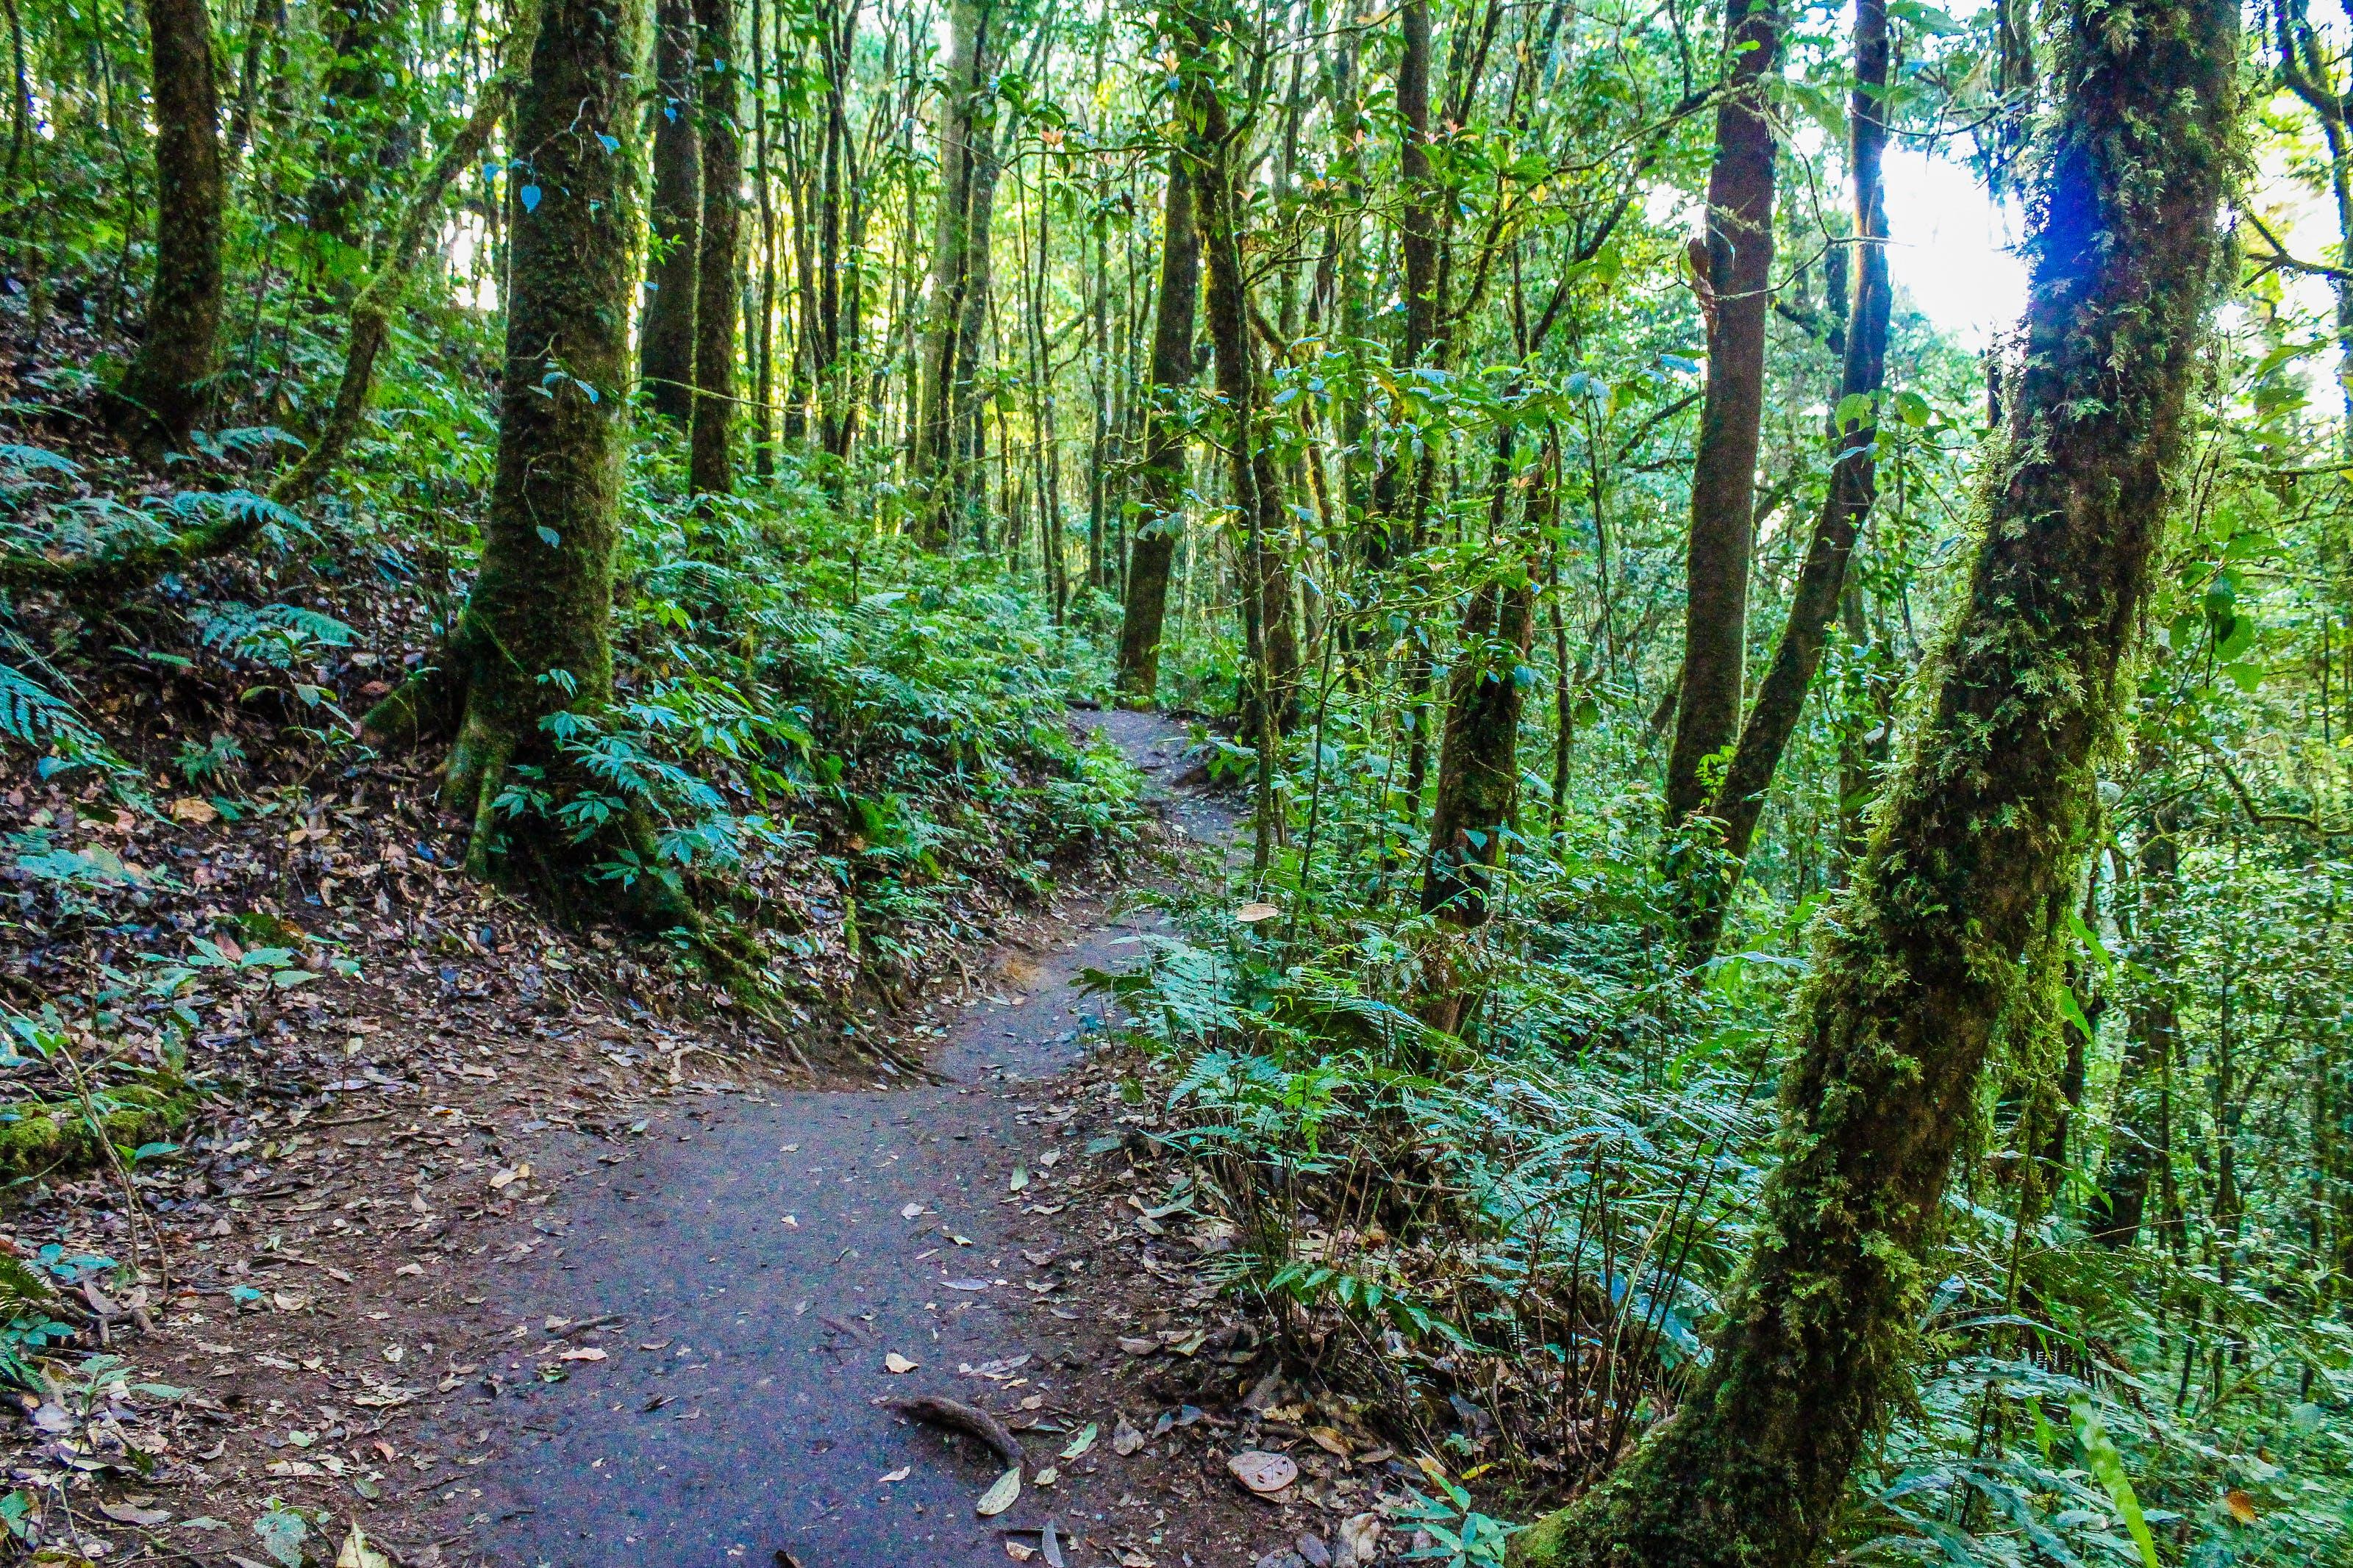 경치가 좋은, 길, 나무, 밀림의 무료 스톡 사진